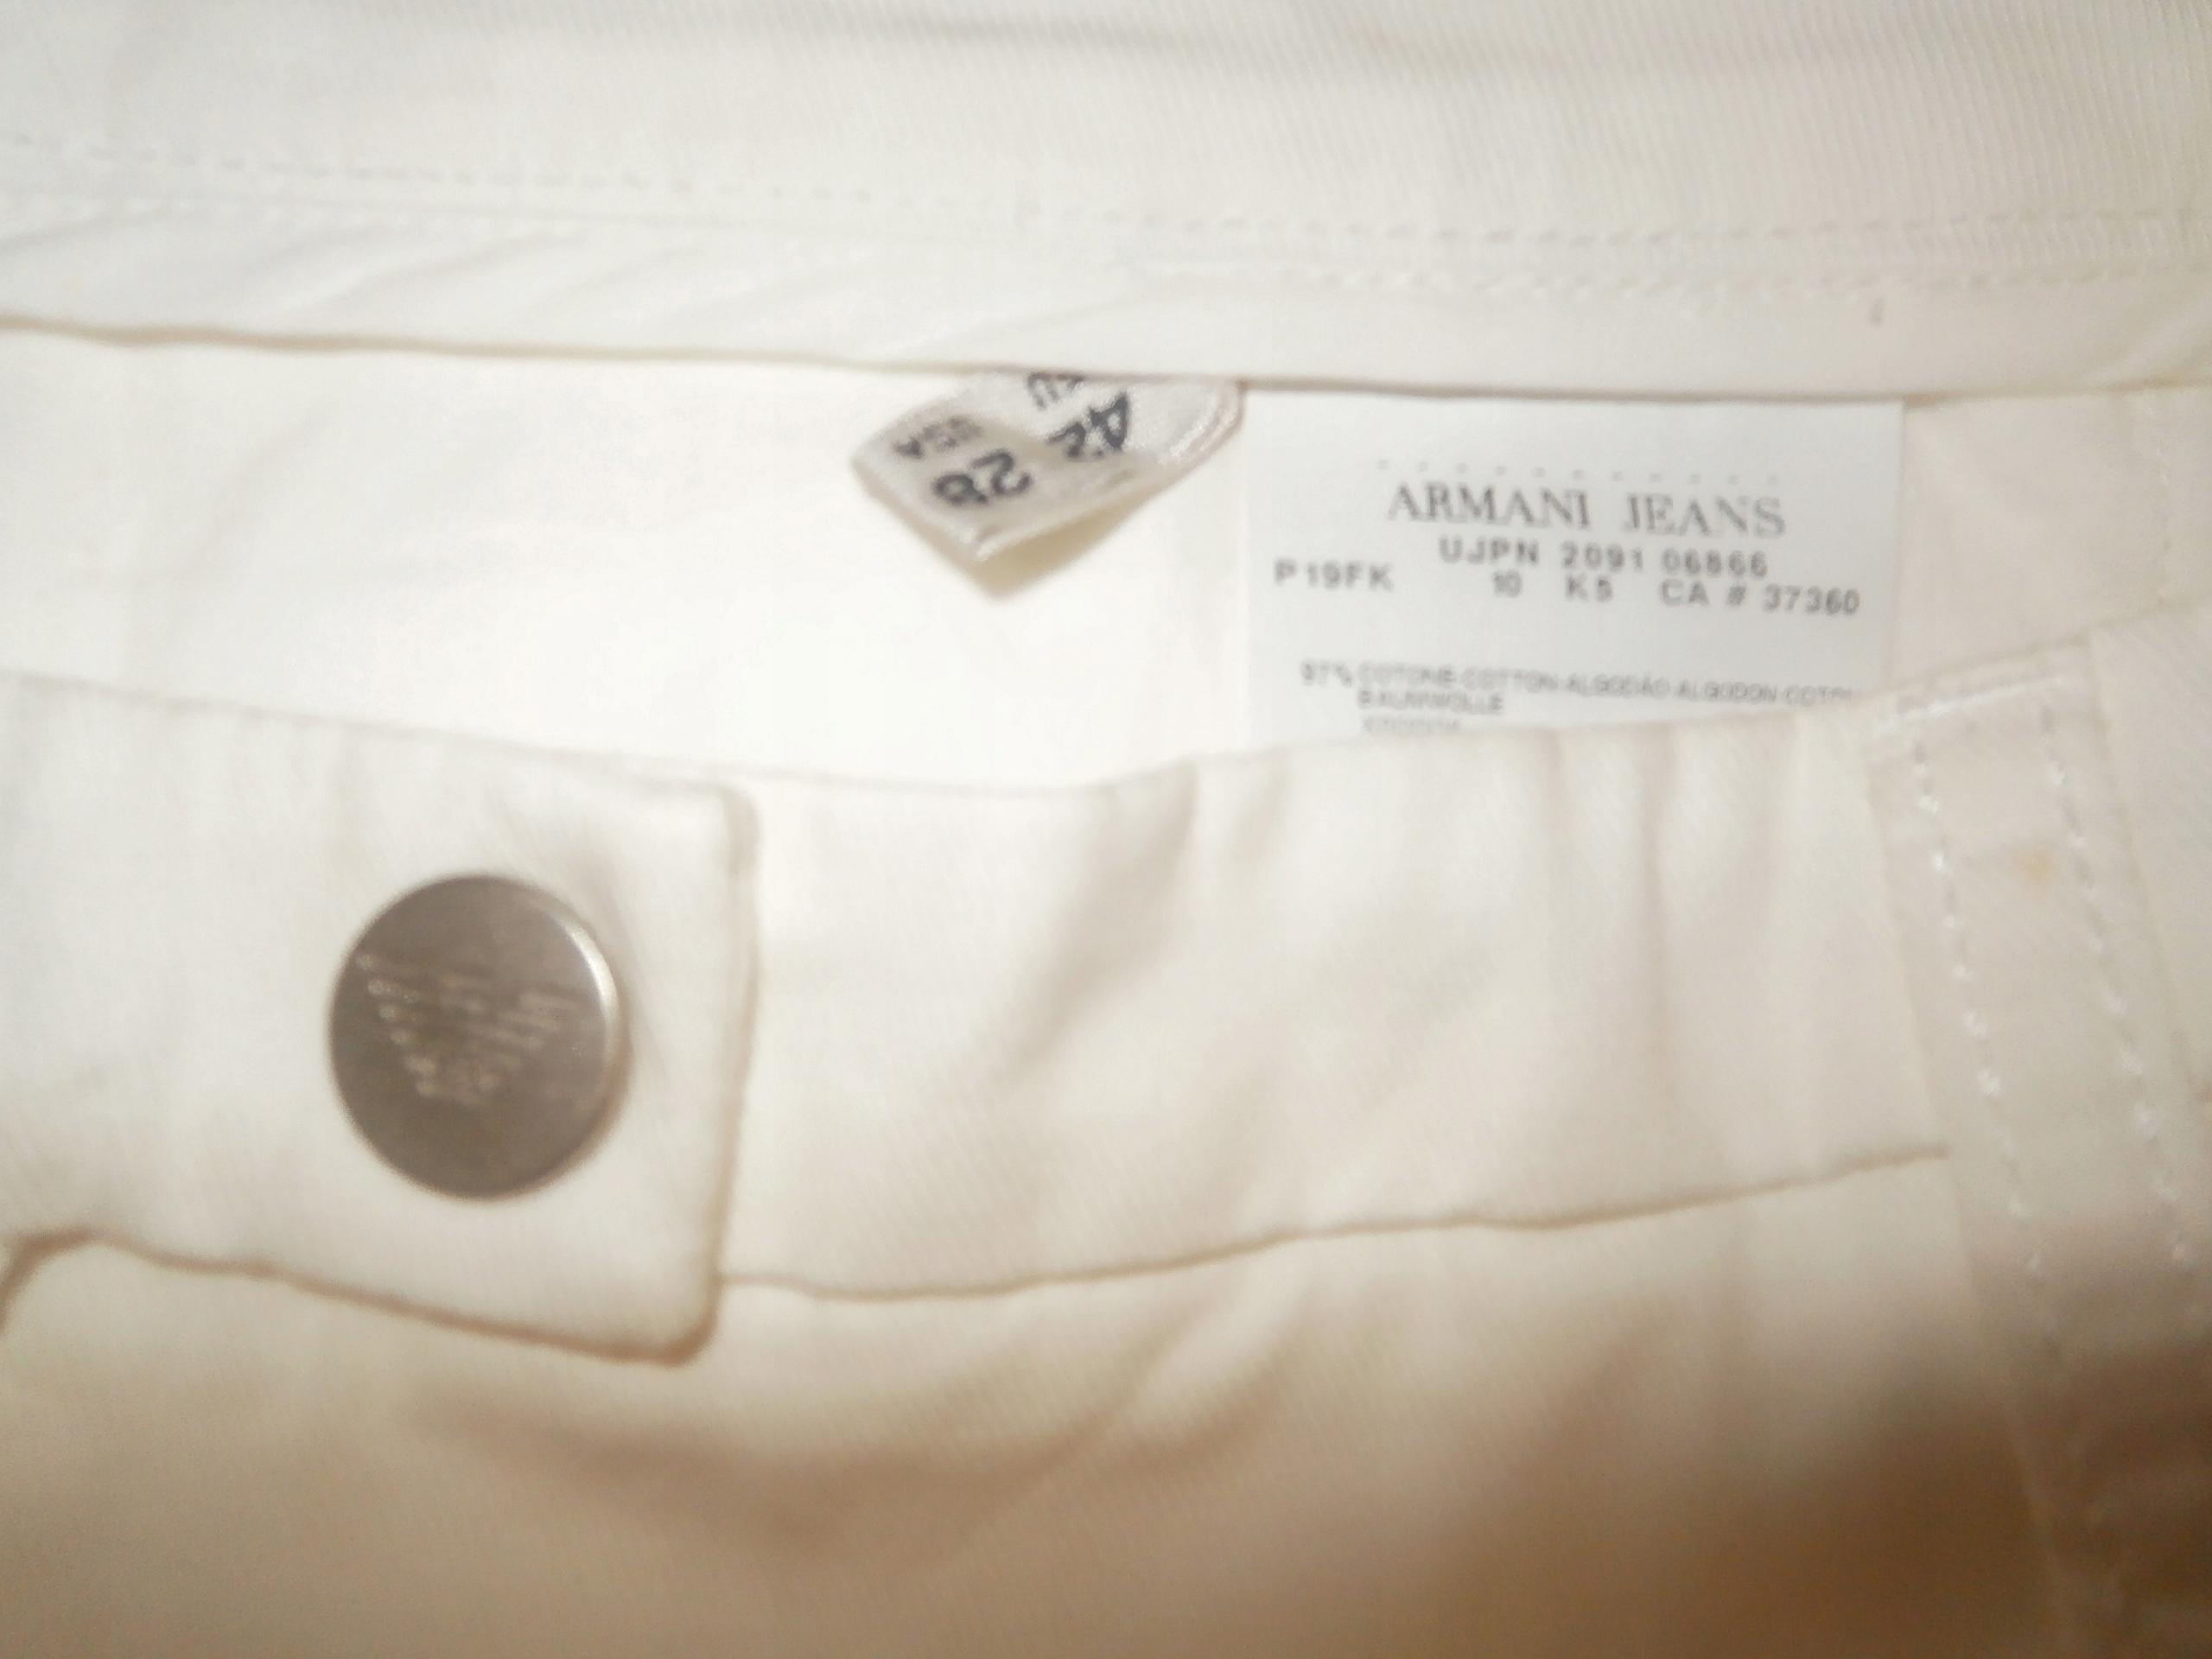 AJ Armani Jeans nowe spodnie z logo 28 EU-42